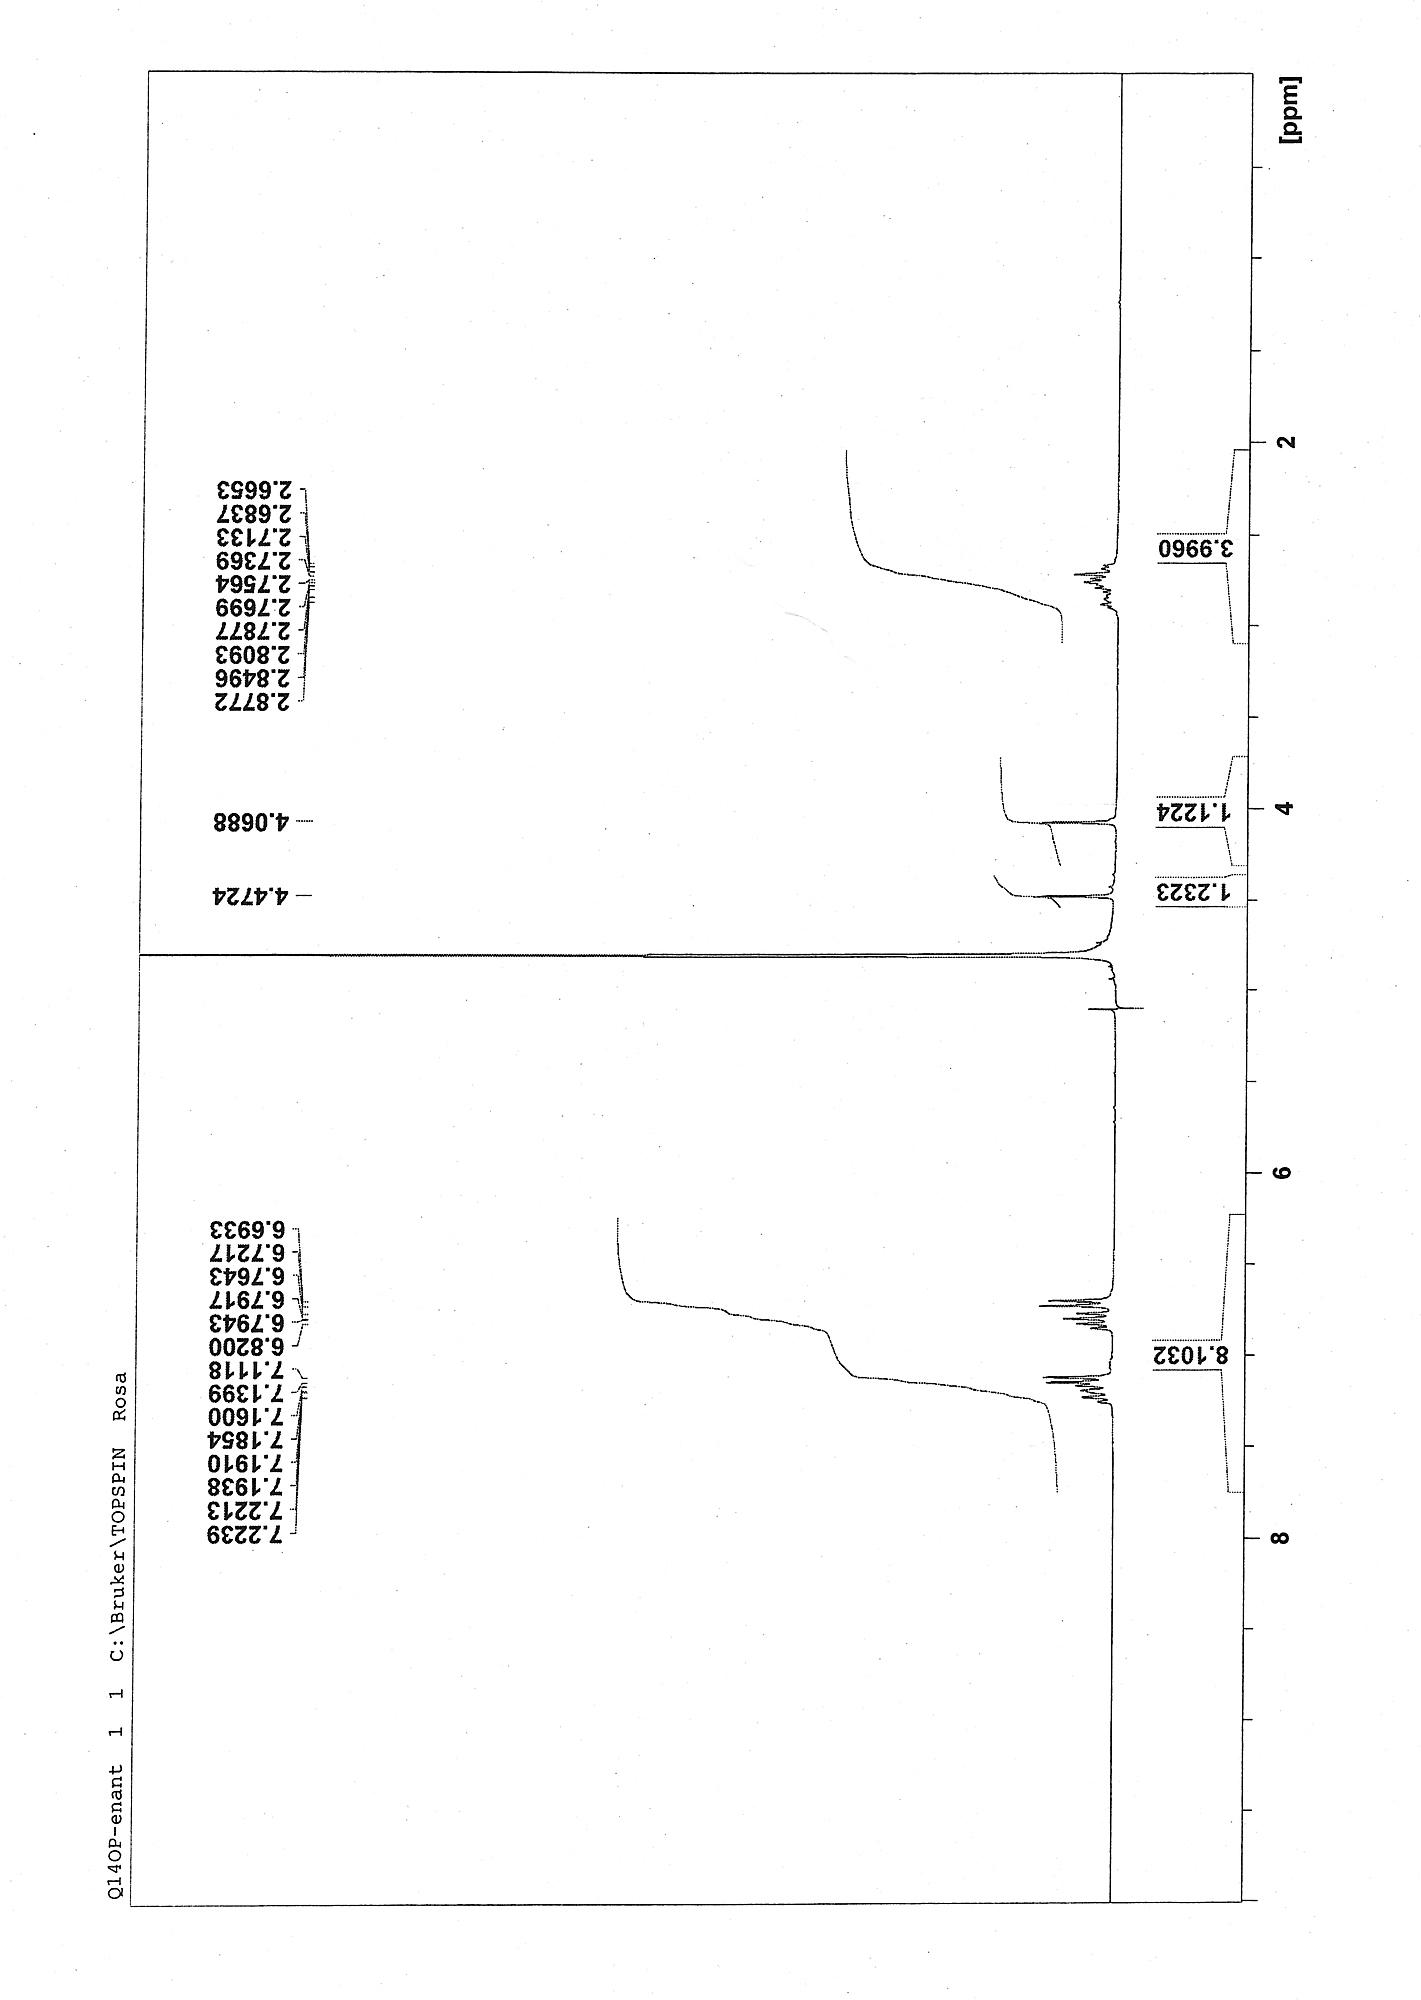 Chromatographic Determination of Fe Chelated by Ethylenediamine-N-(o